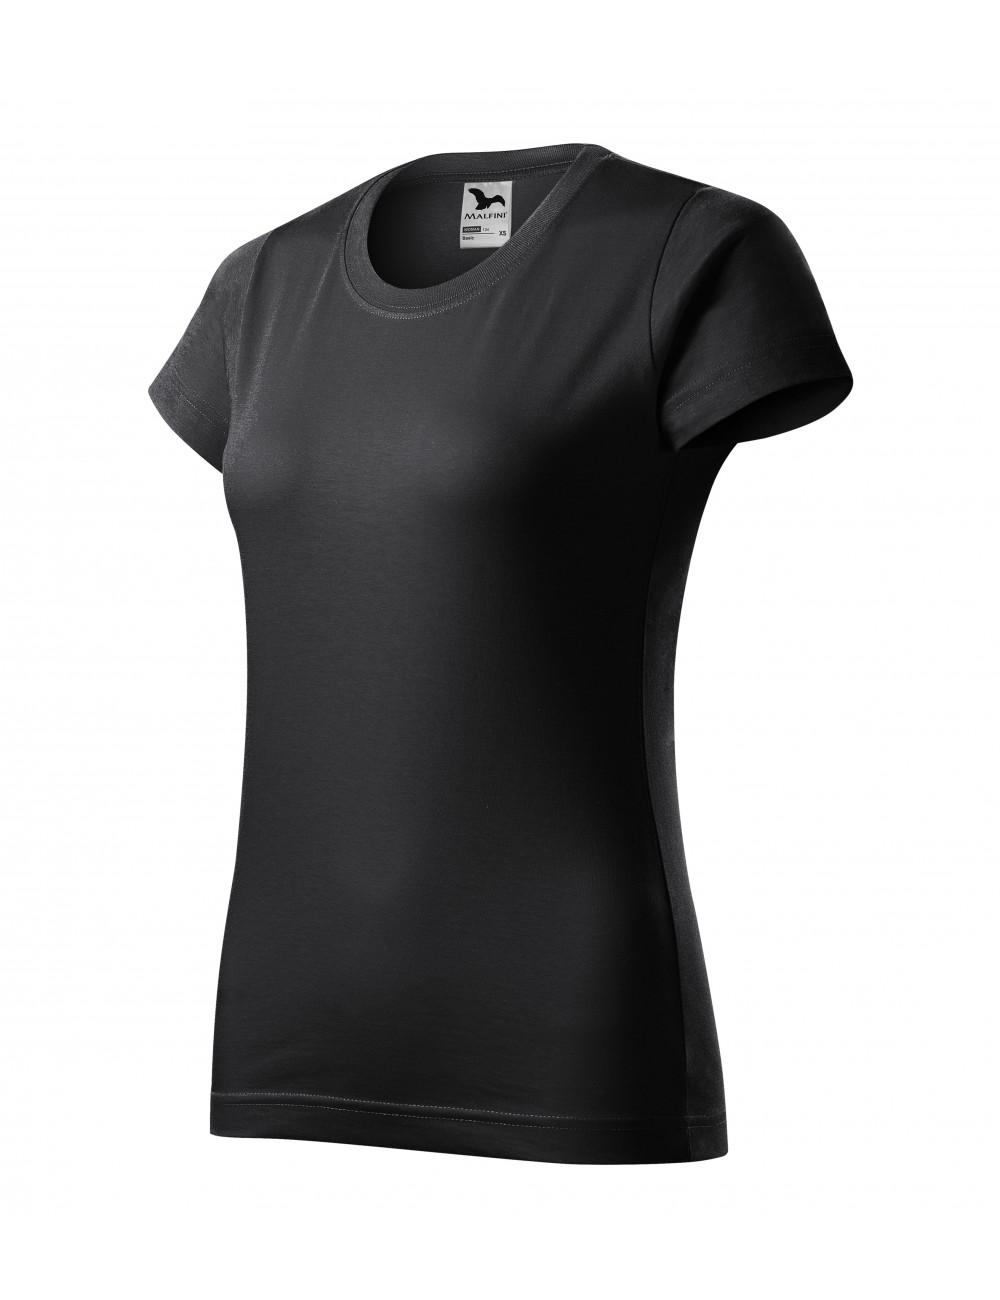 Adler MALFINI Koszulka damska Basic 134 ebony gray